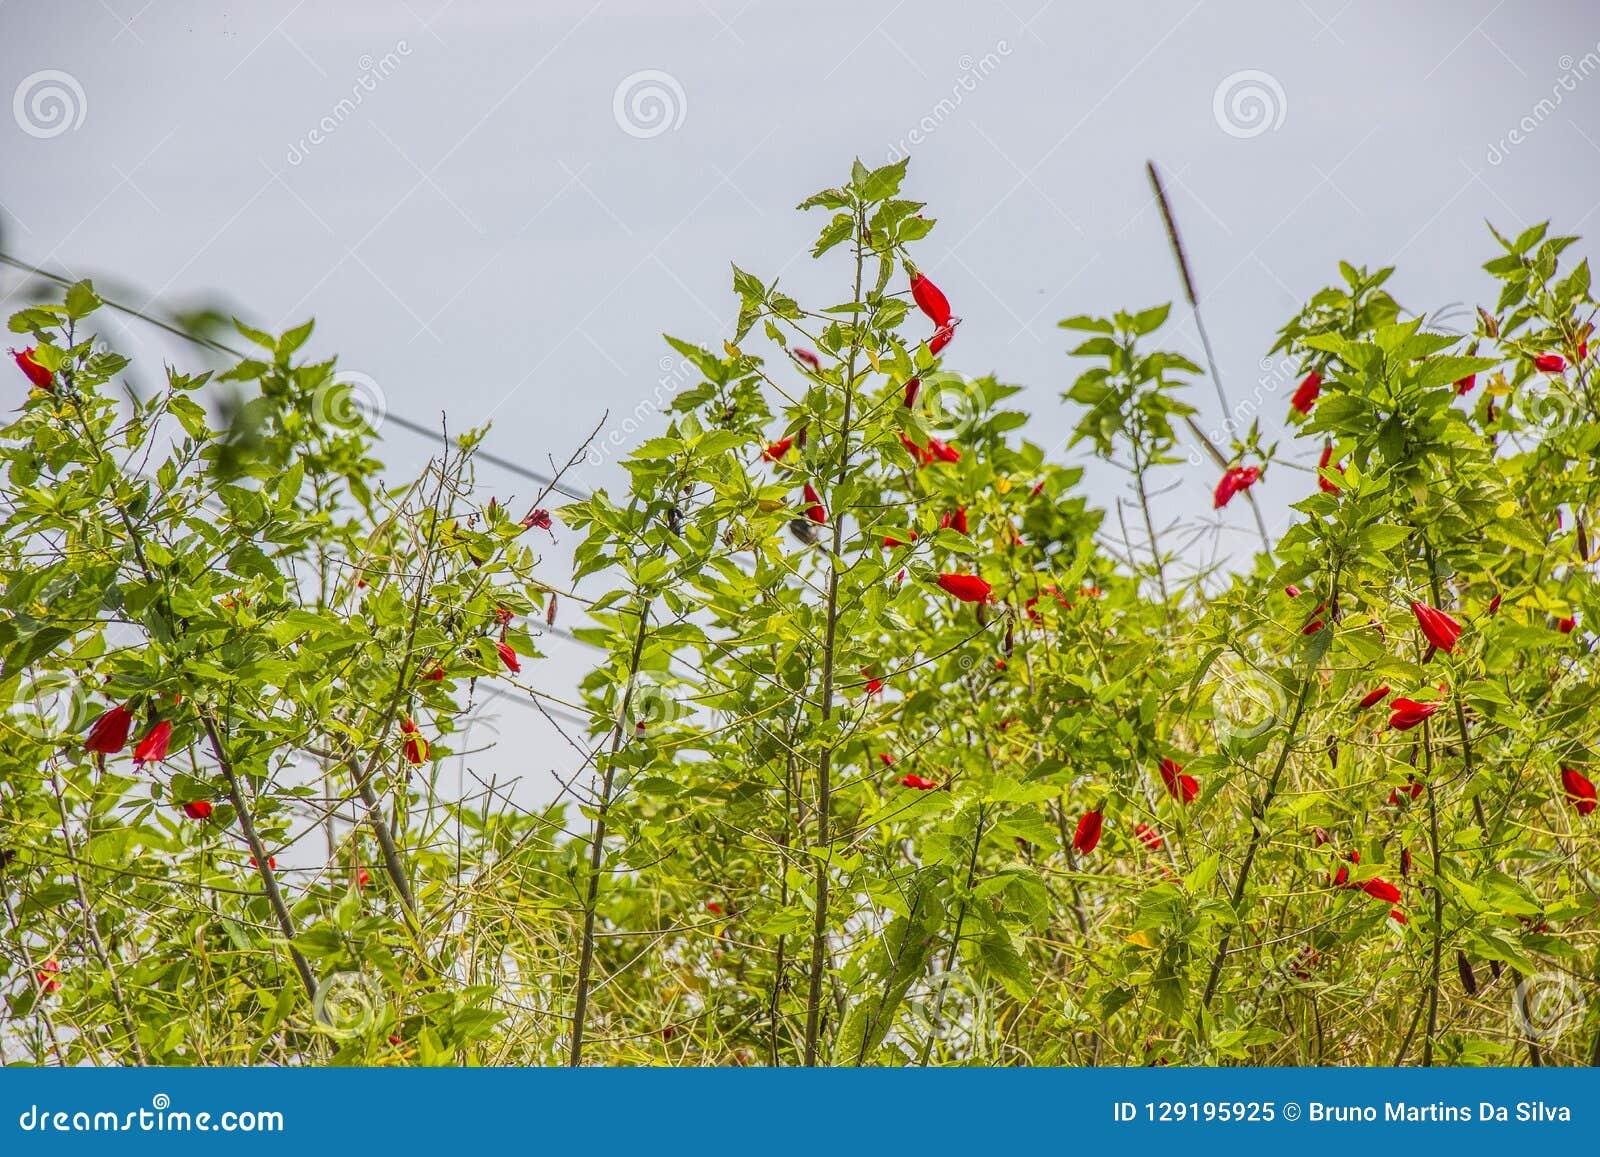 Hibisco rojo al aire libre